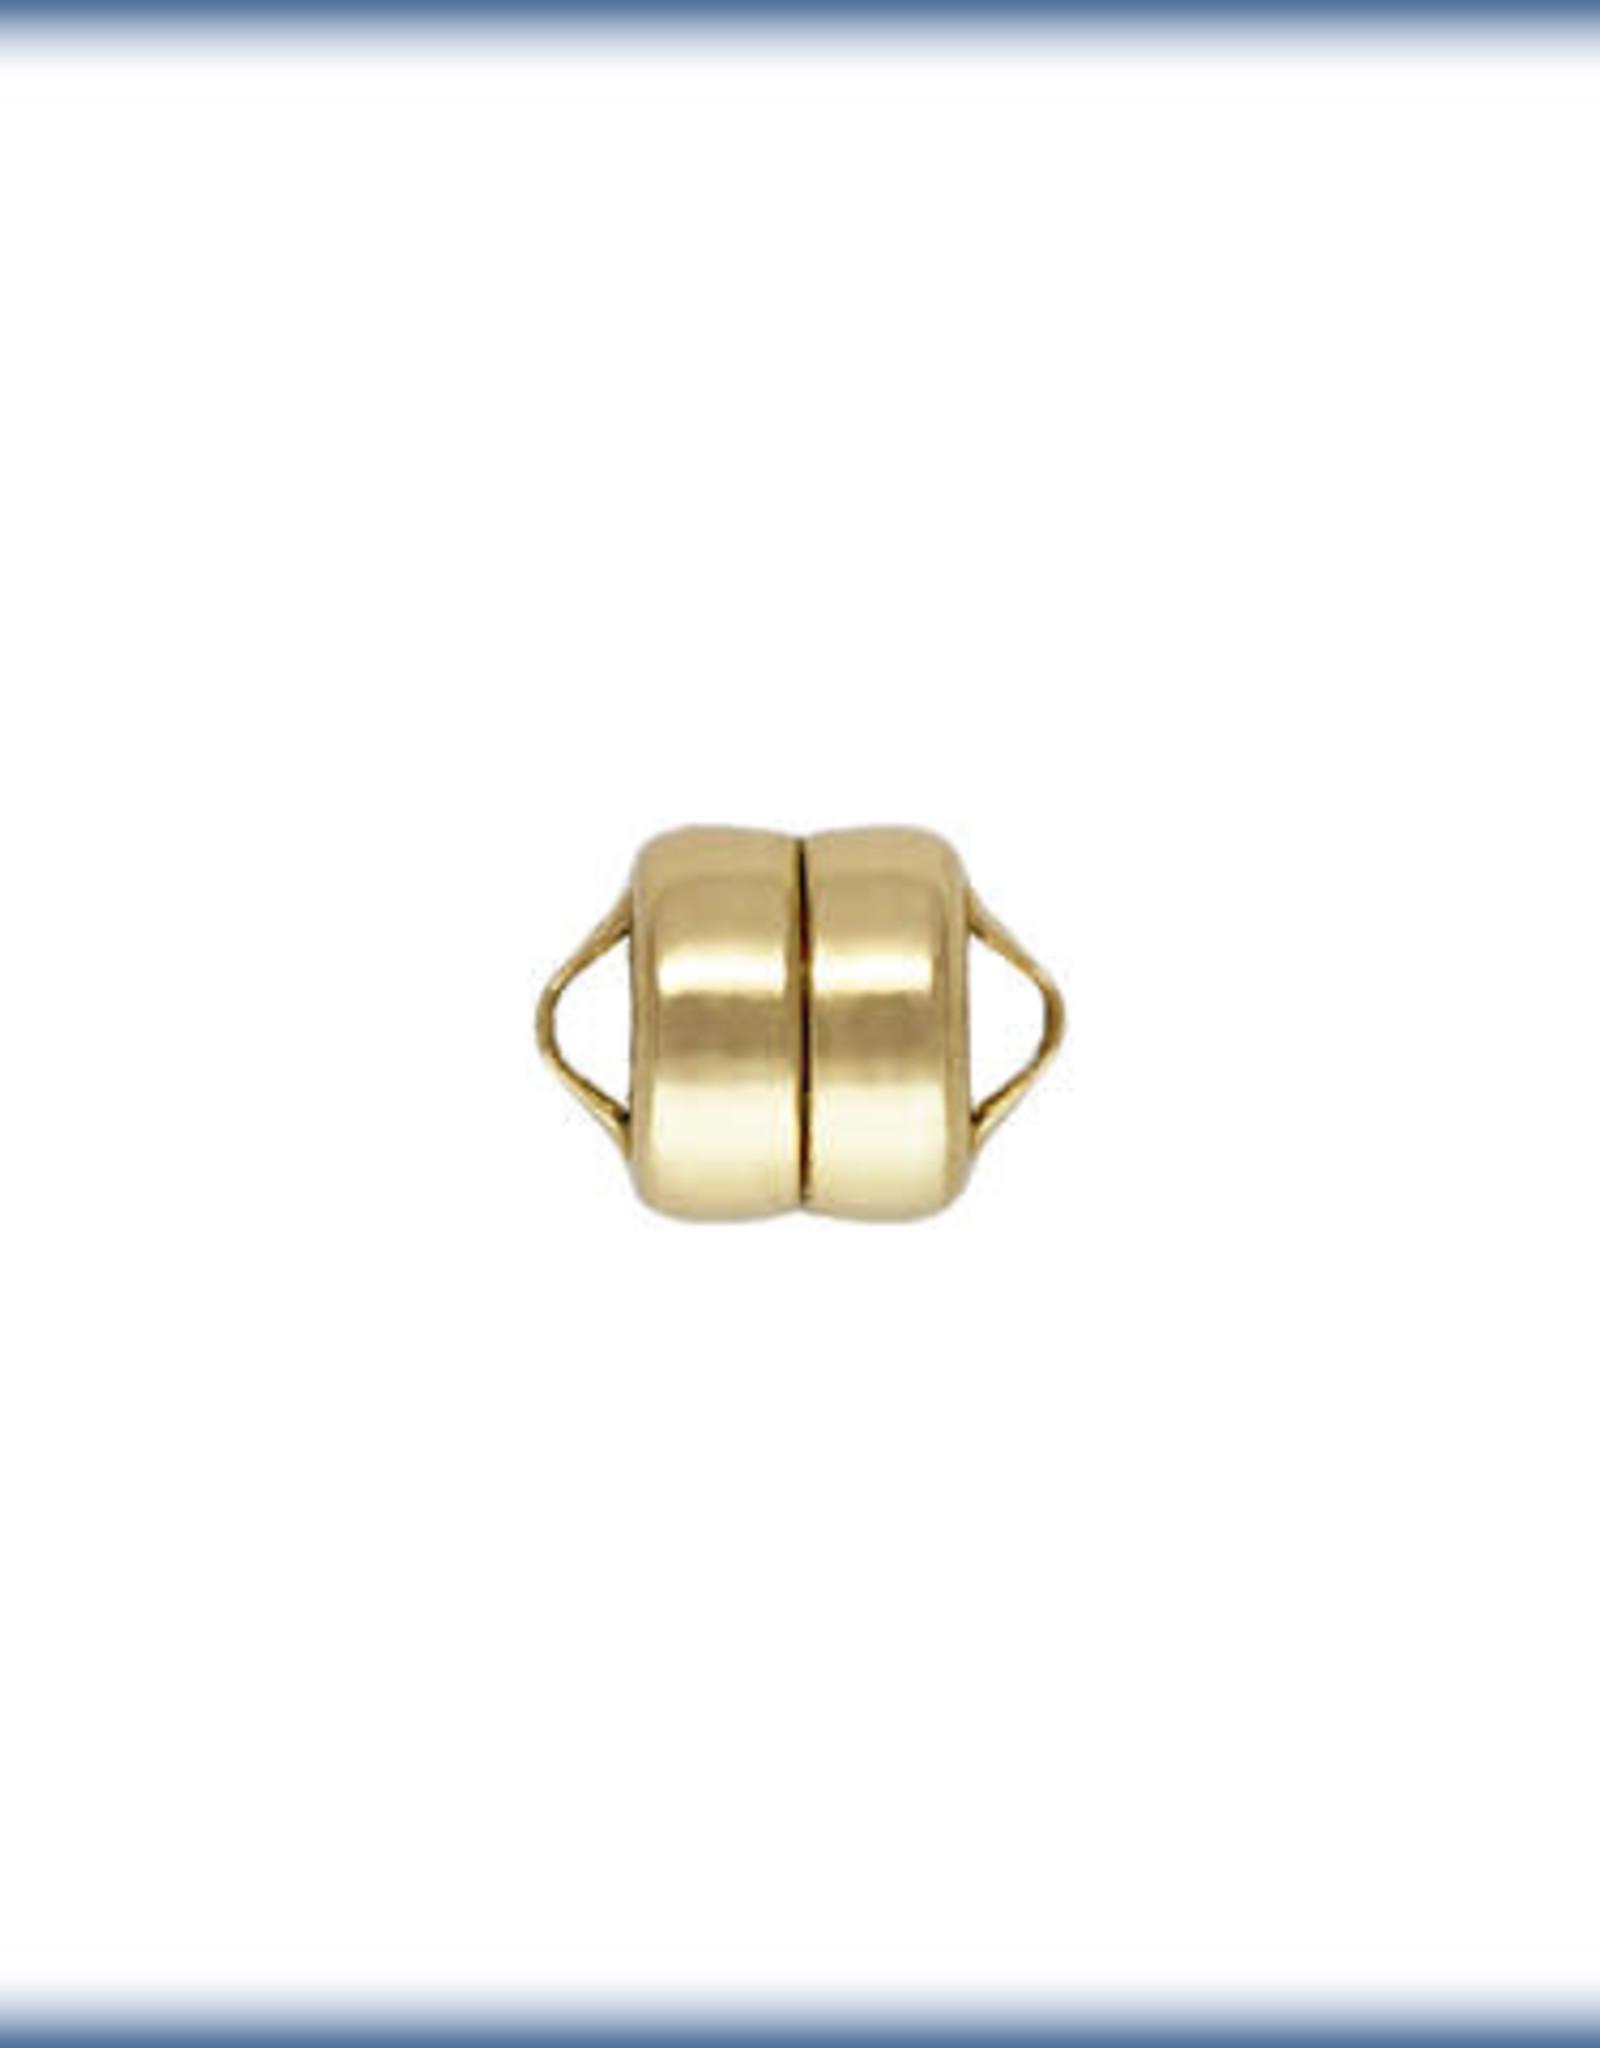 5mm Magnet Clasp, 14k Gold Filled ea